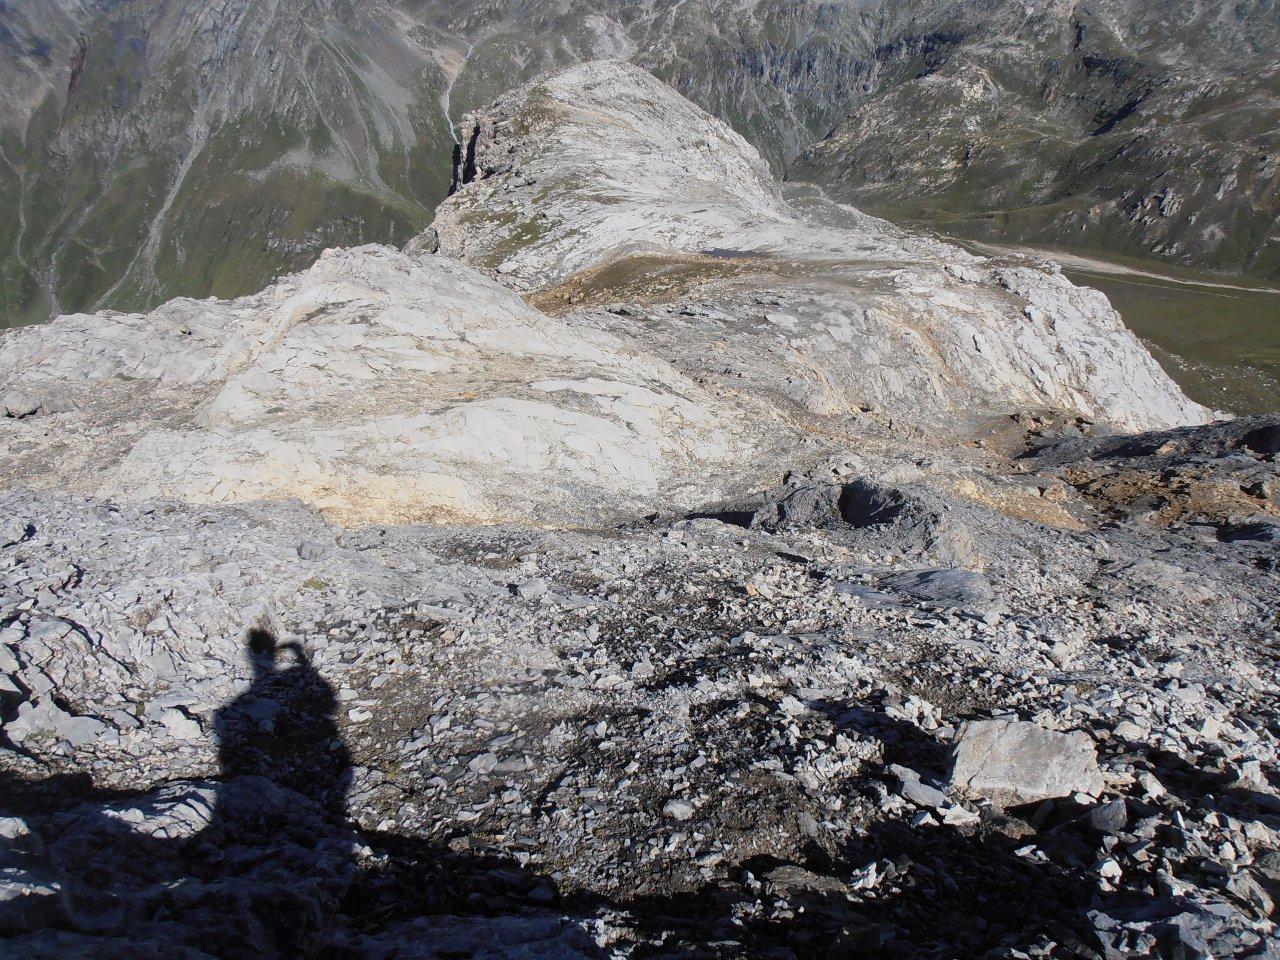 09 - evidenza del pianoro quota 2745 e della spalla rocciosa che continua fino alla Roche de Chevres